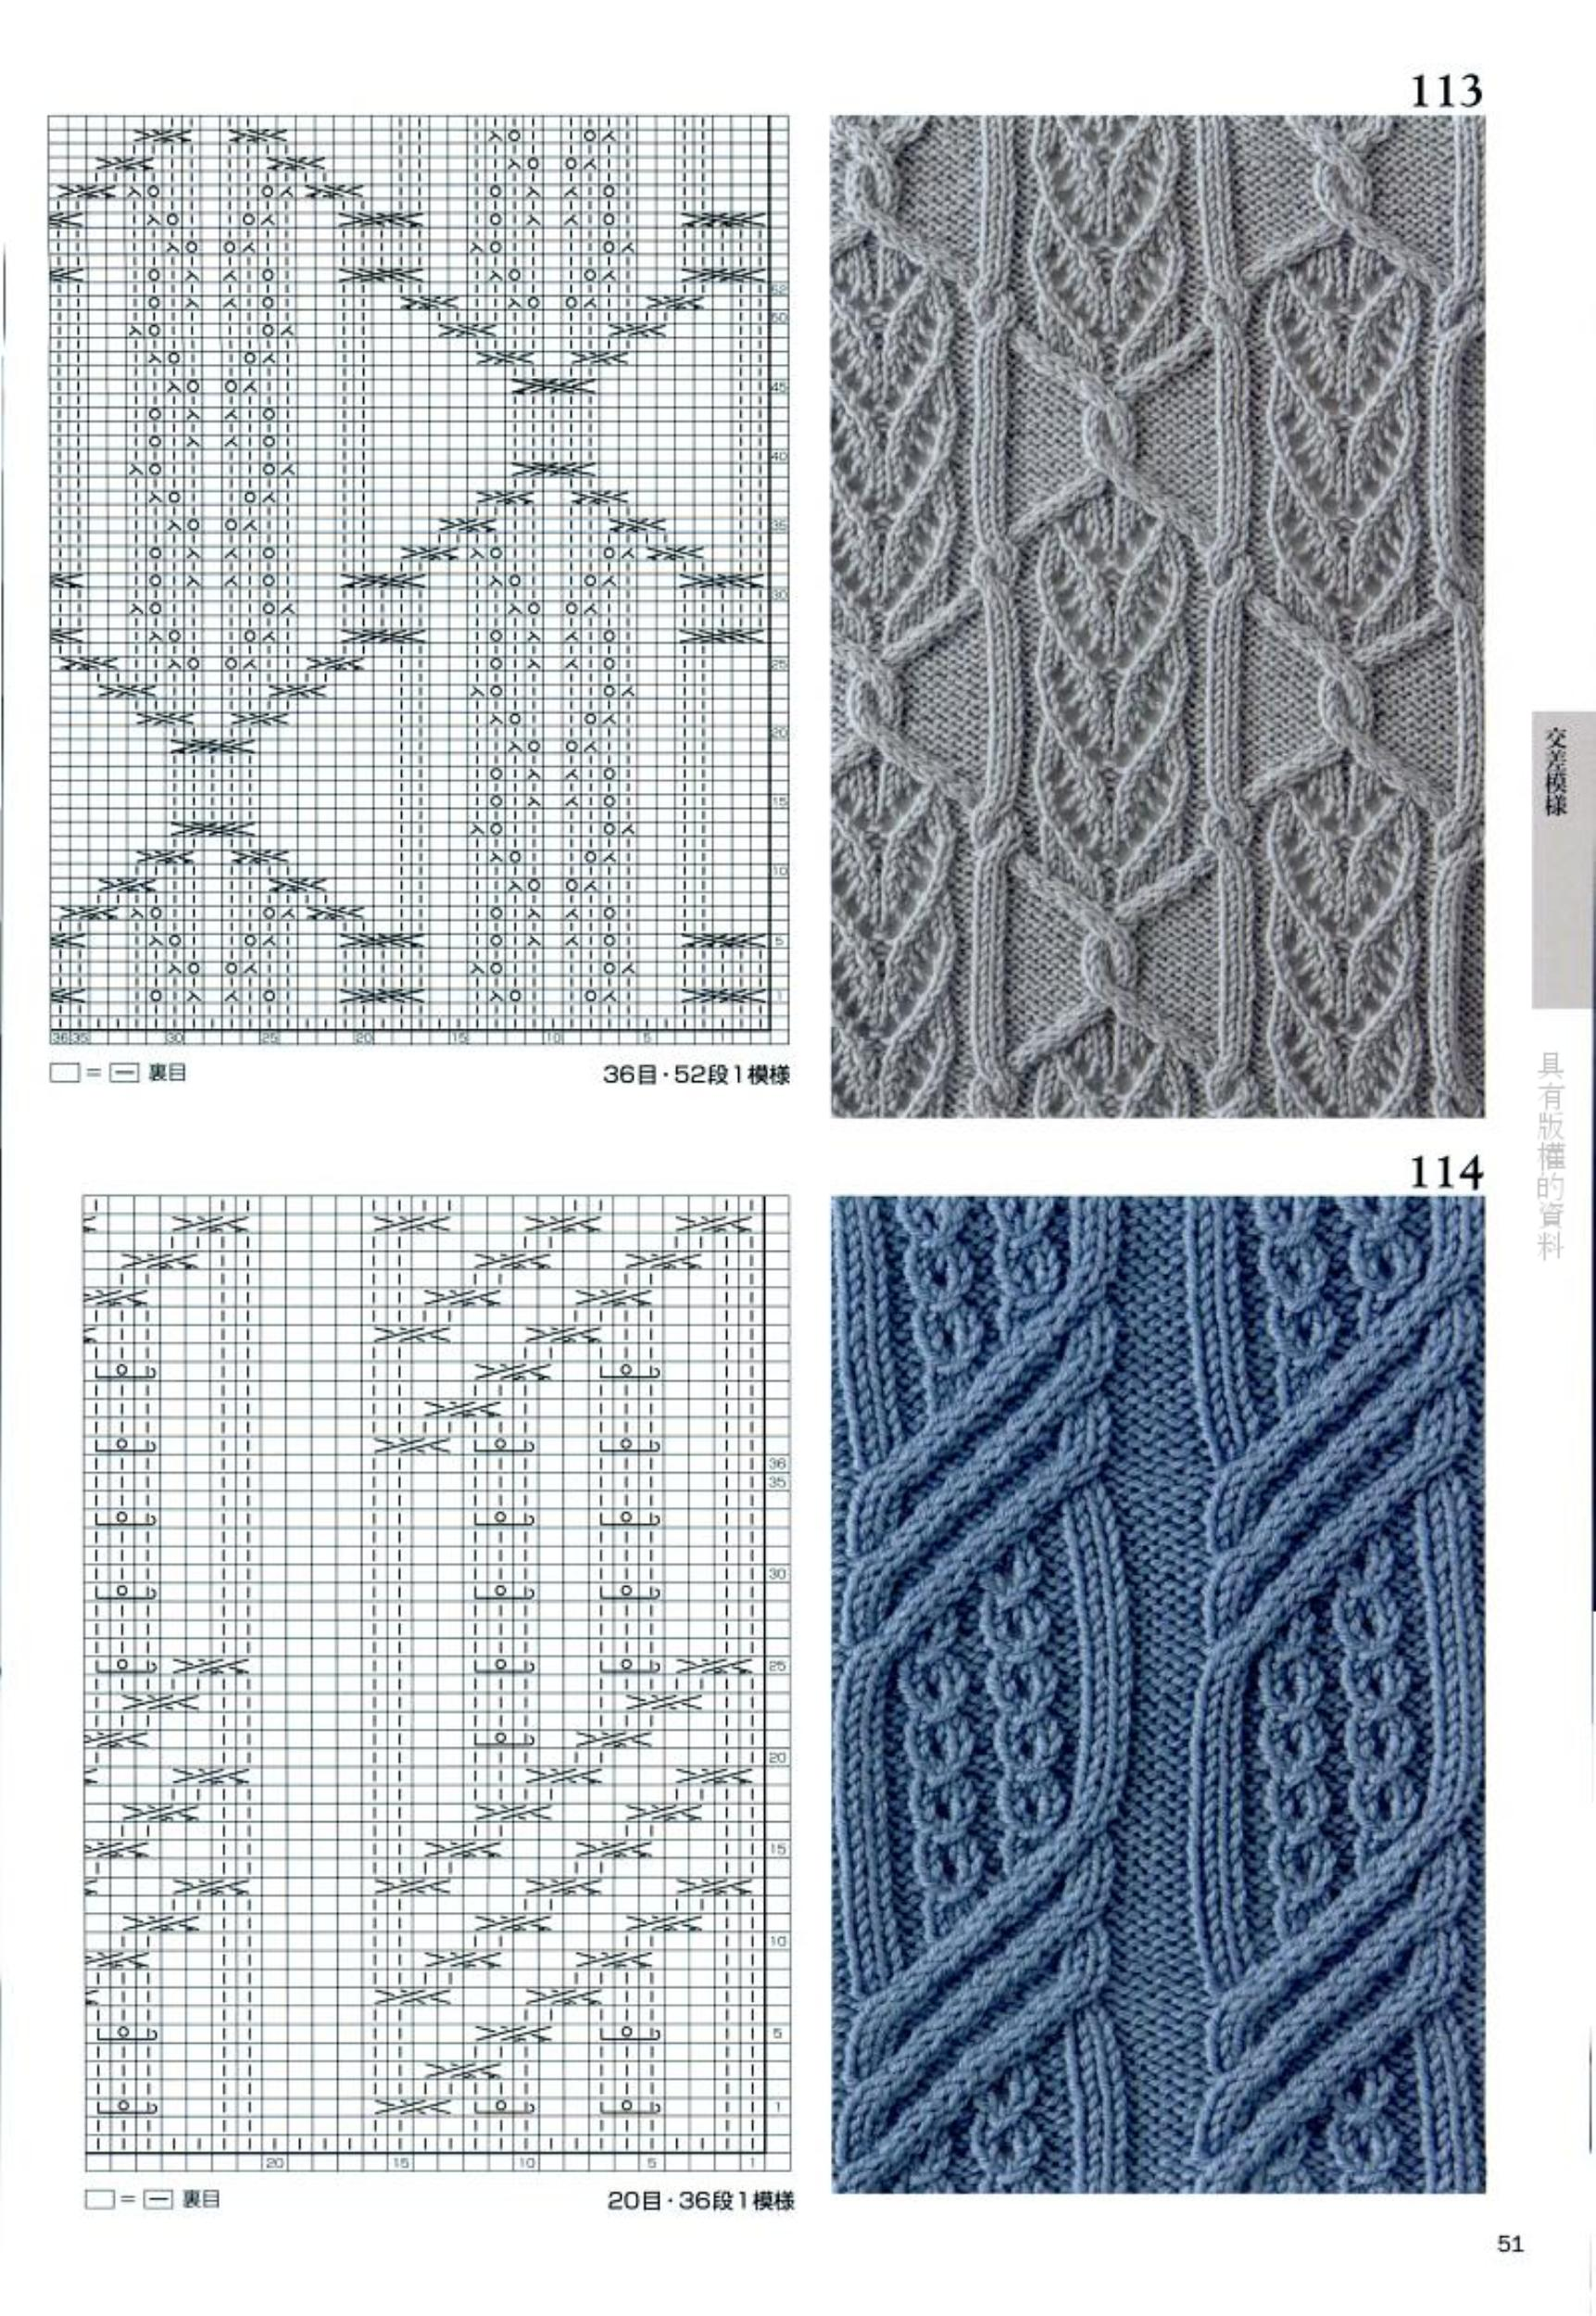 Японские узоры спицами со схемами для сайта *Модное вязание* - http://modnoevyazanie.ru.com/